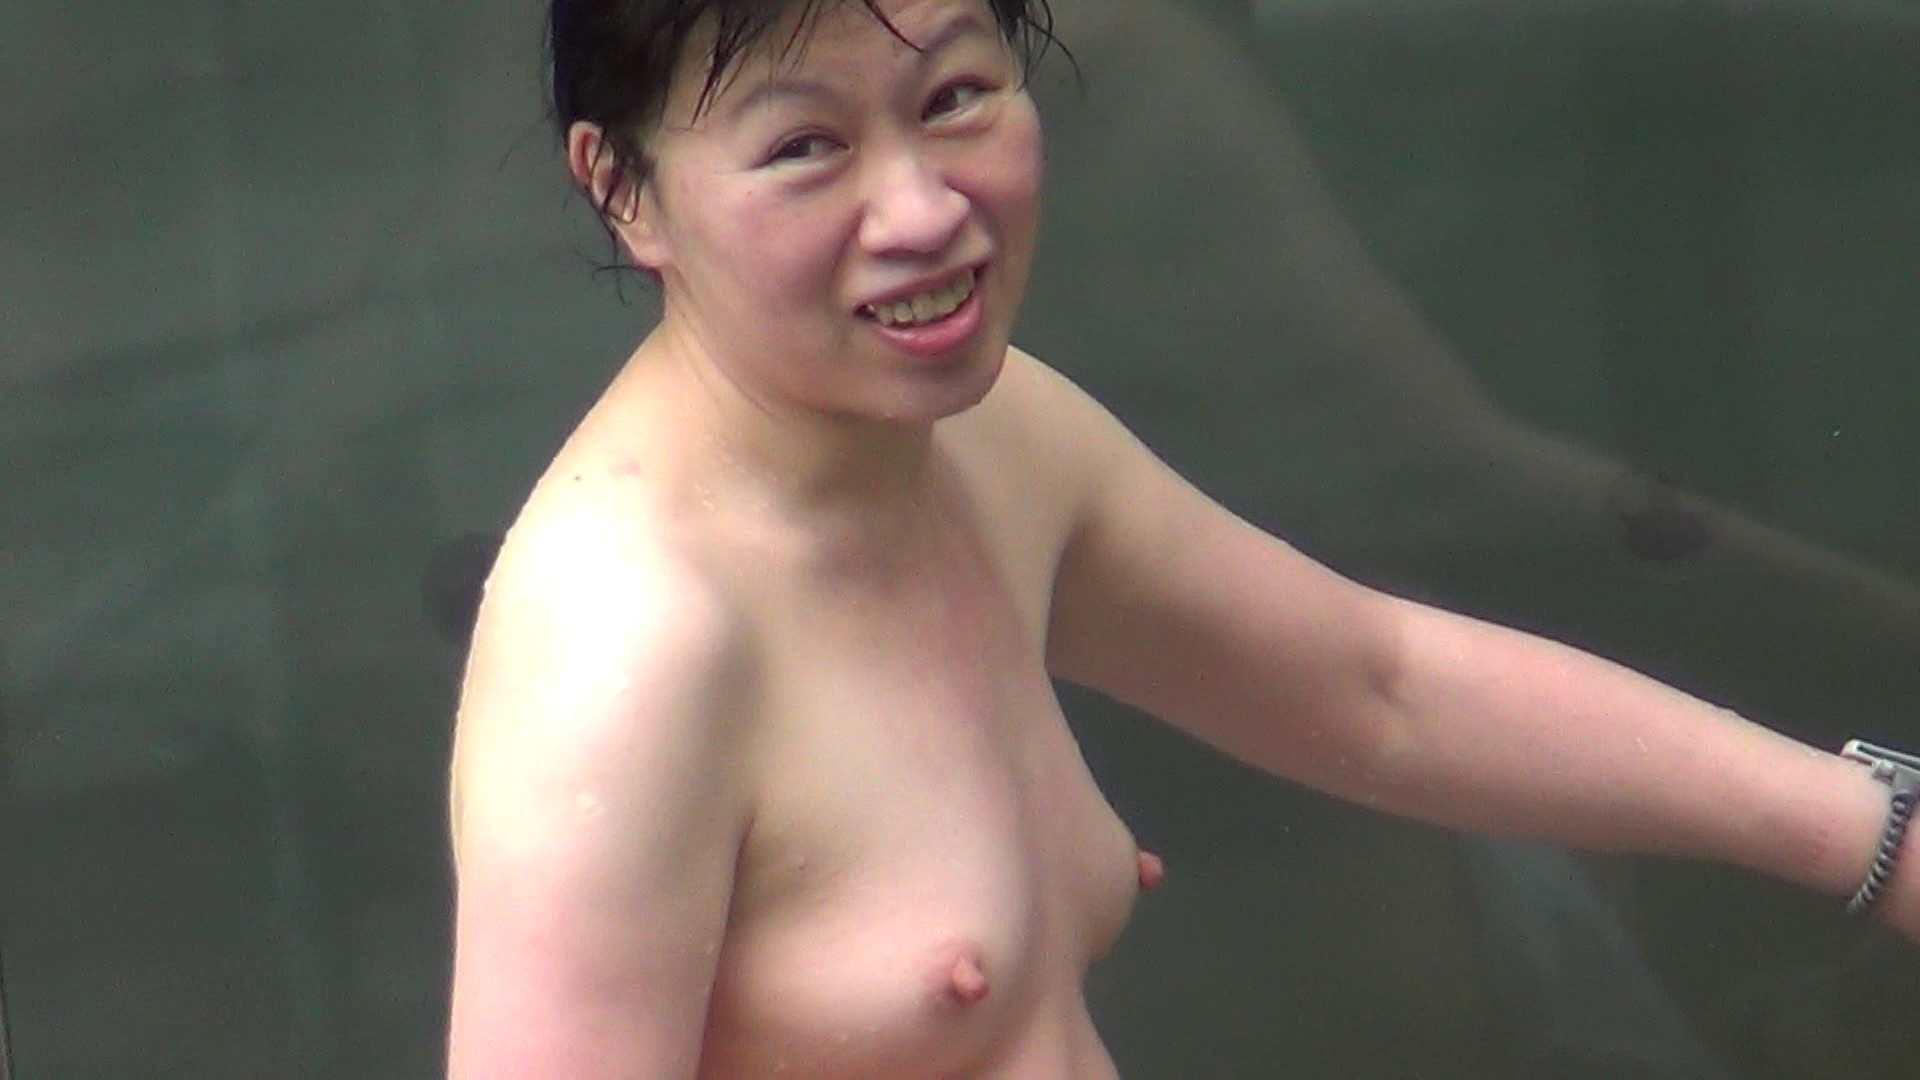 ハイビジョンVol.10 美女盛り合わせ No.4 美女   色っぽいOL達  88pic 67